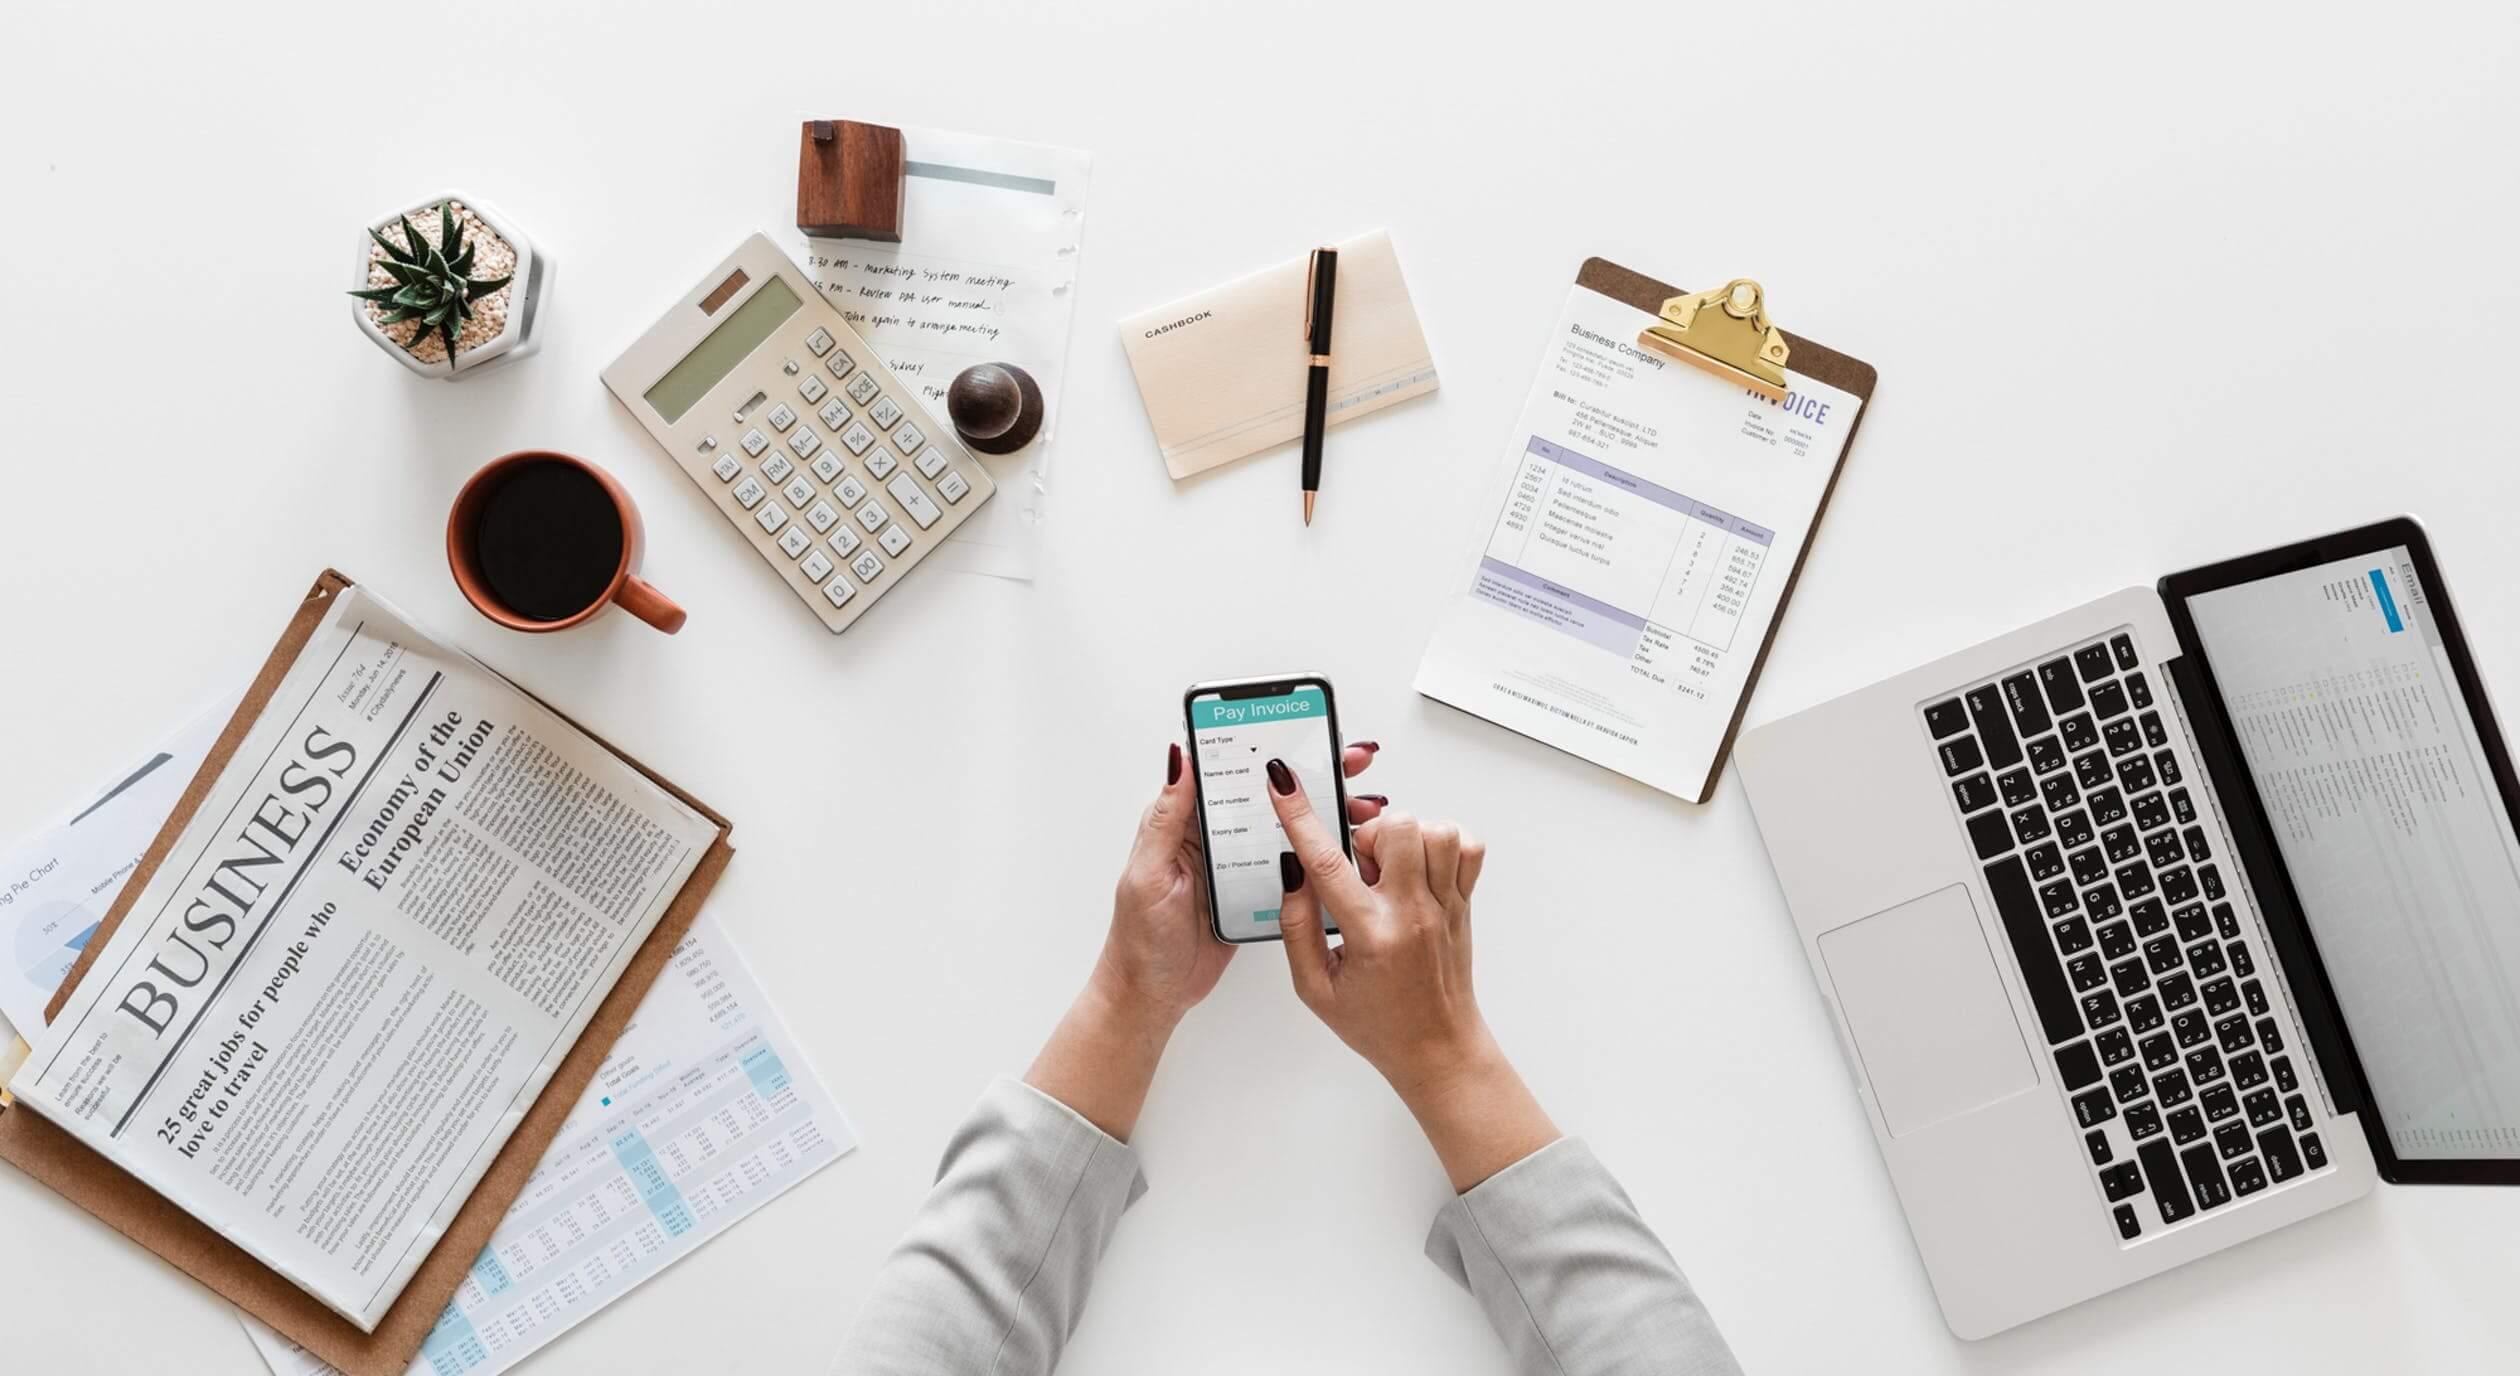 gestion-notes-frais-carlabella